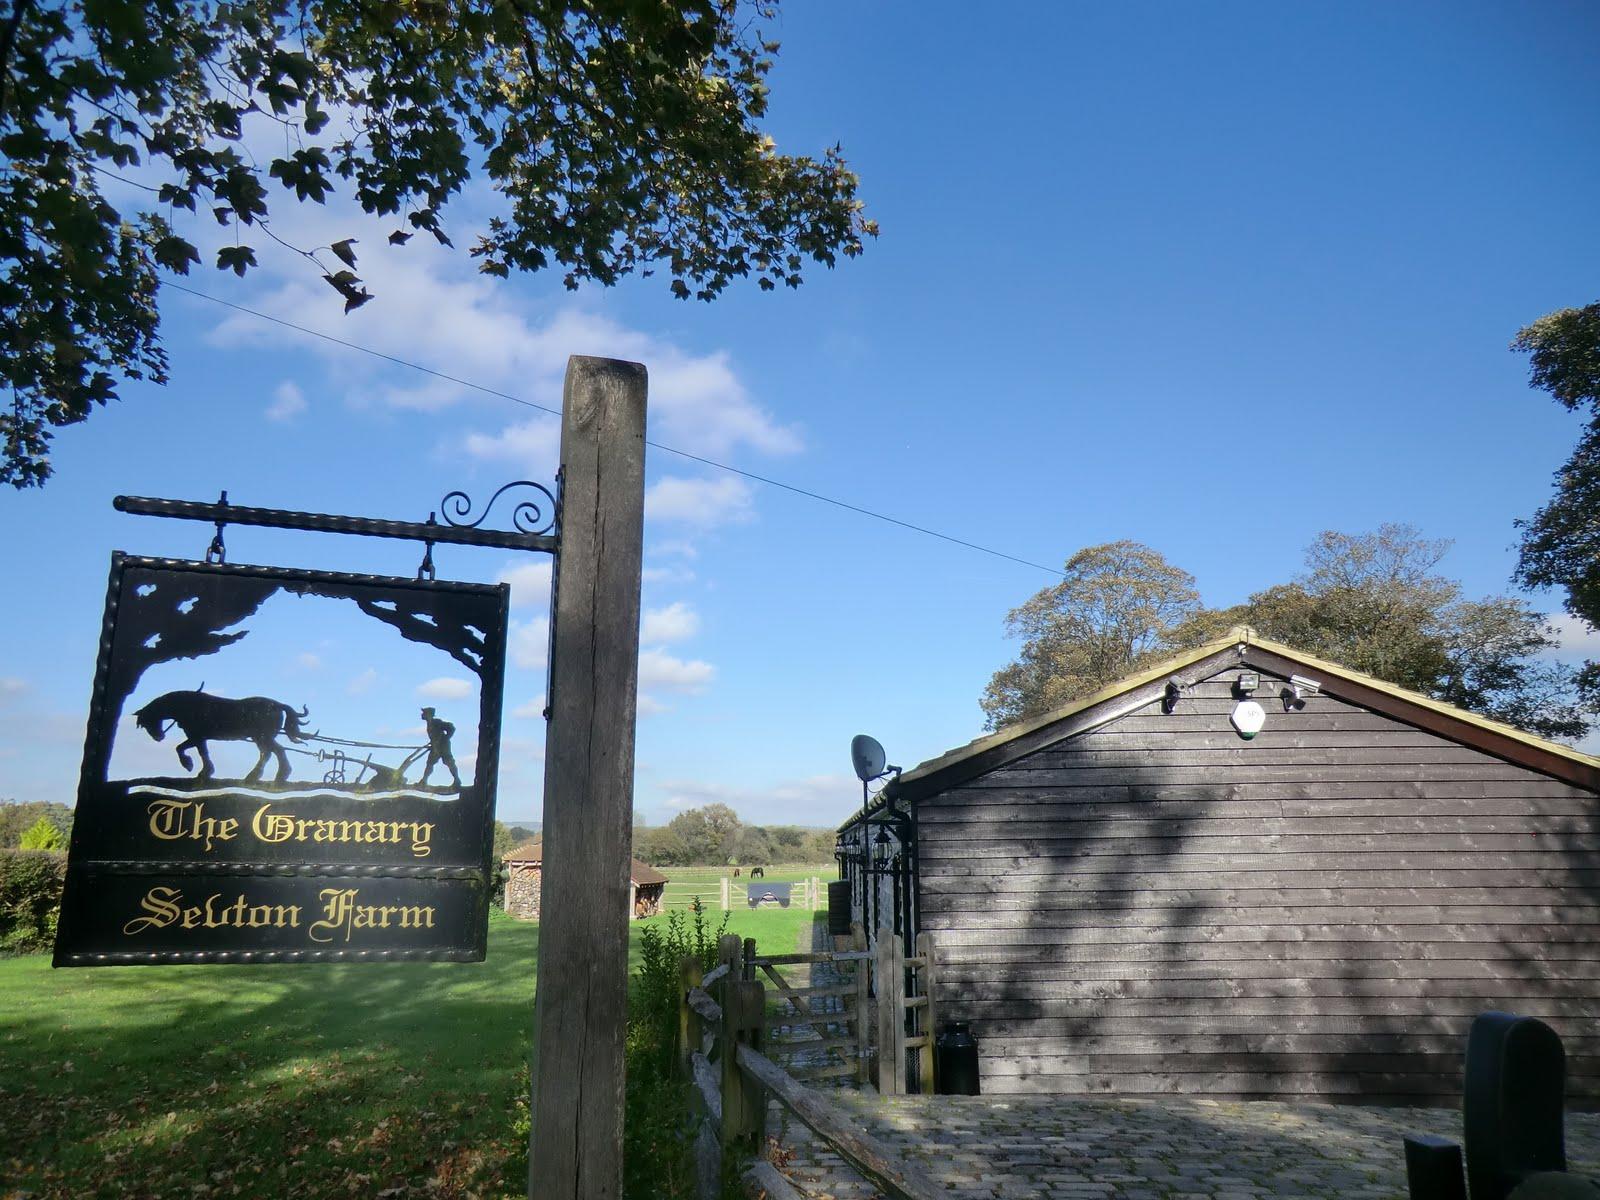 CIMG5423 Seldon Farm